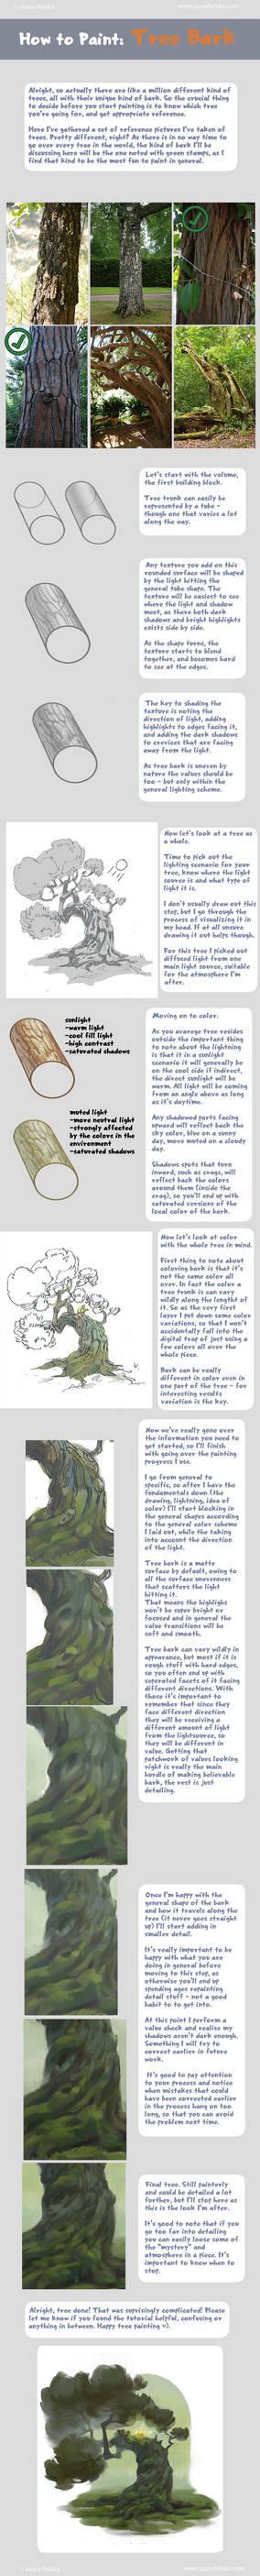 How to Paint Tree Bark